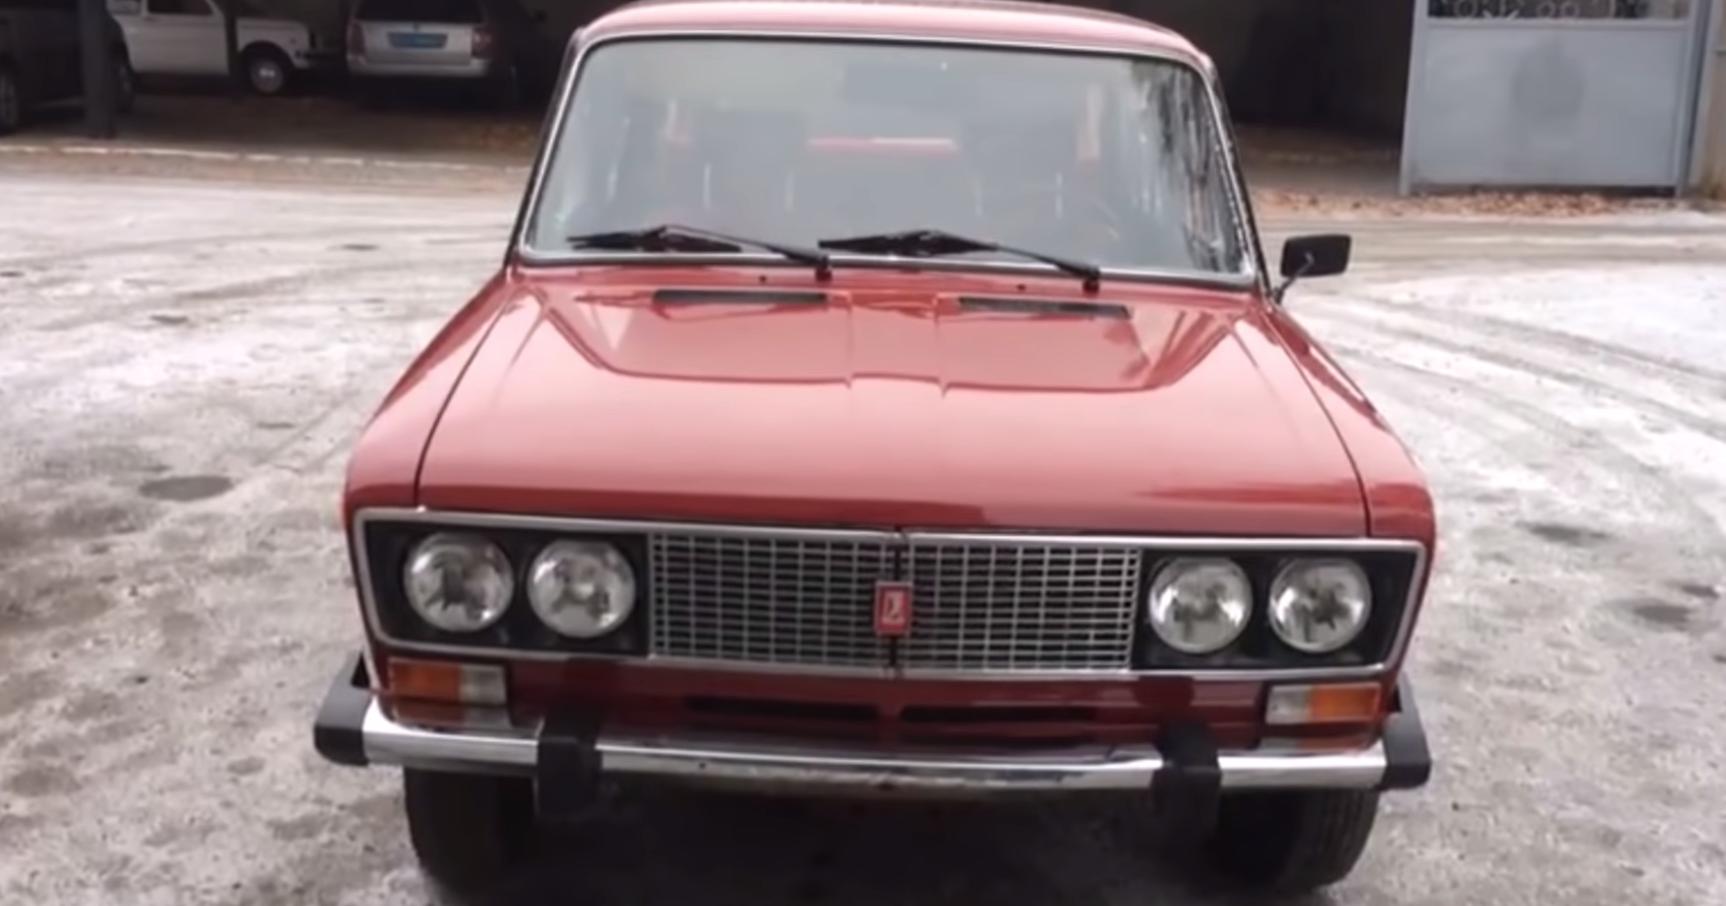 Посмотрите на редкий вишневый ВАЗ-2106 с красным салоном